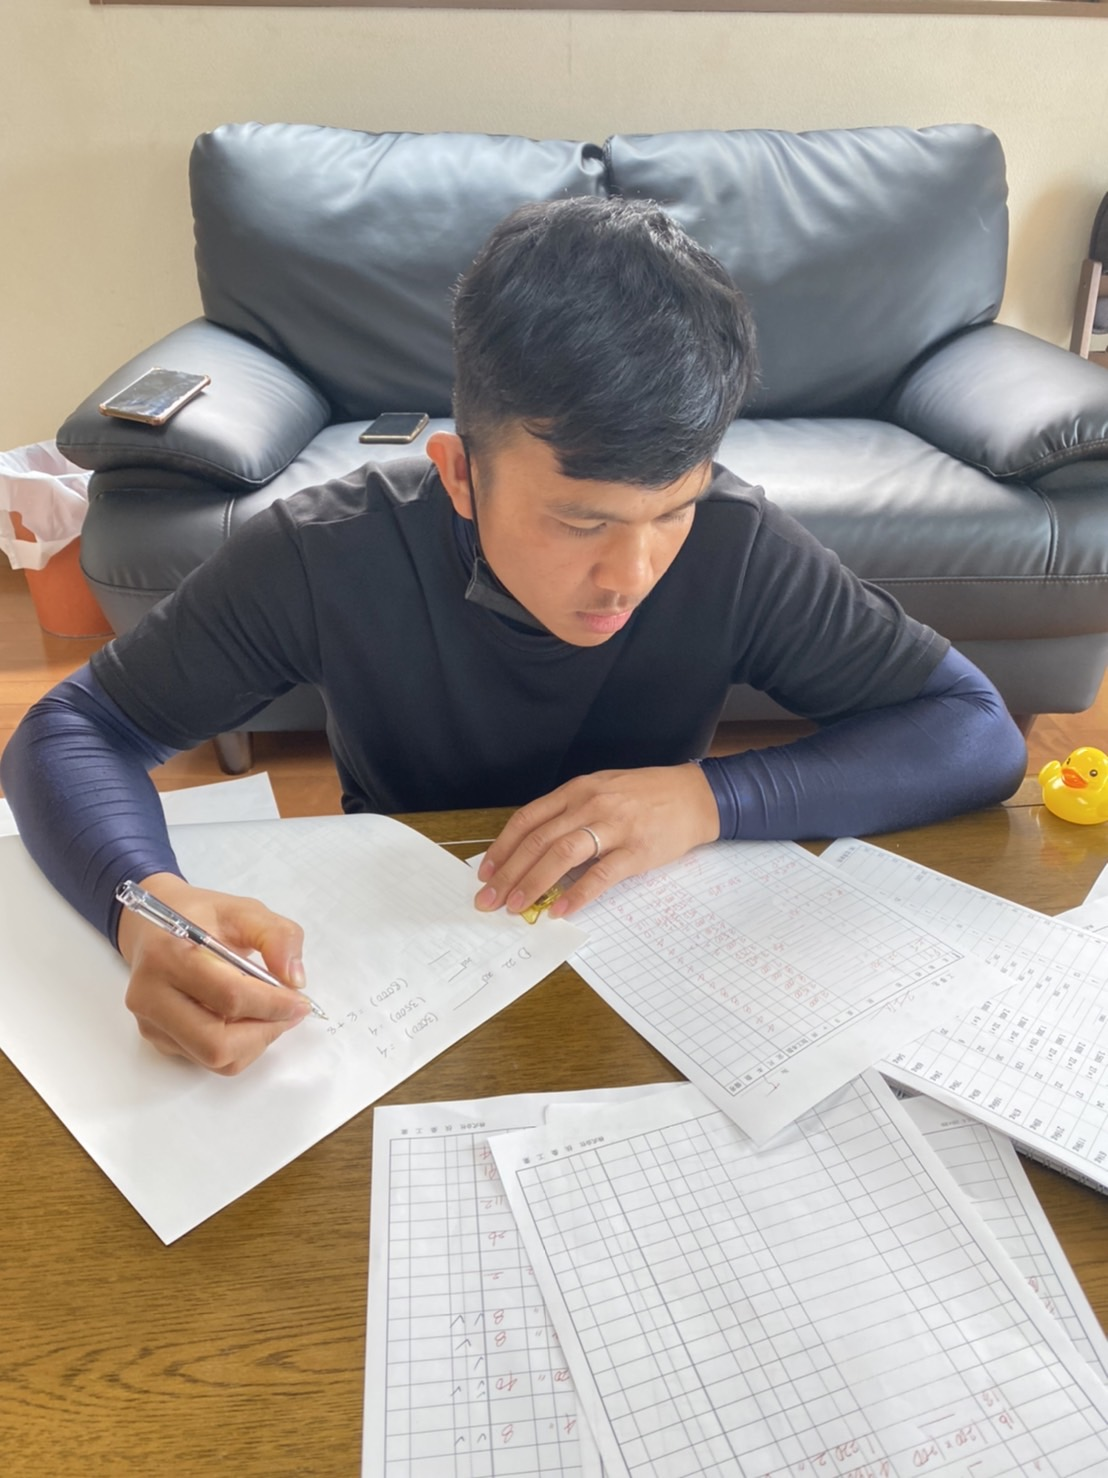 加工帳作成に取り組む実習生の様子